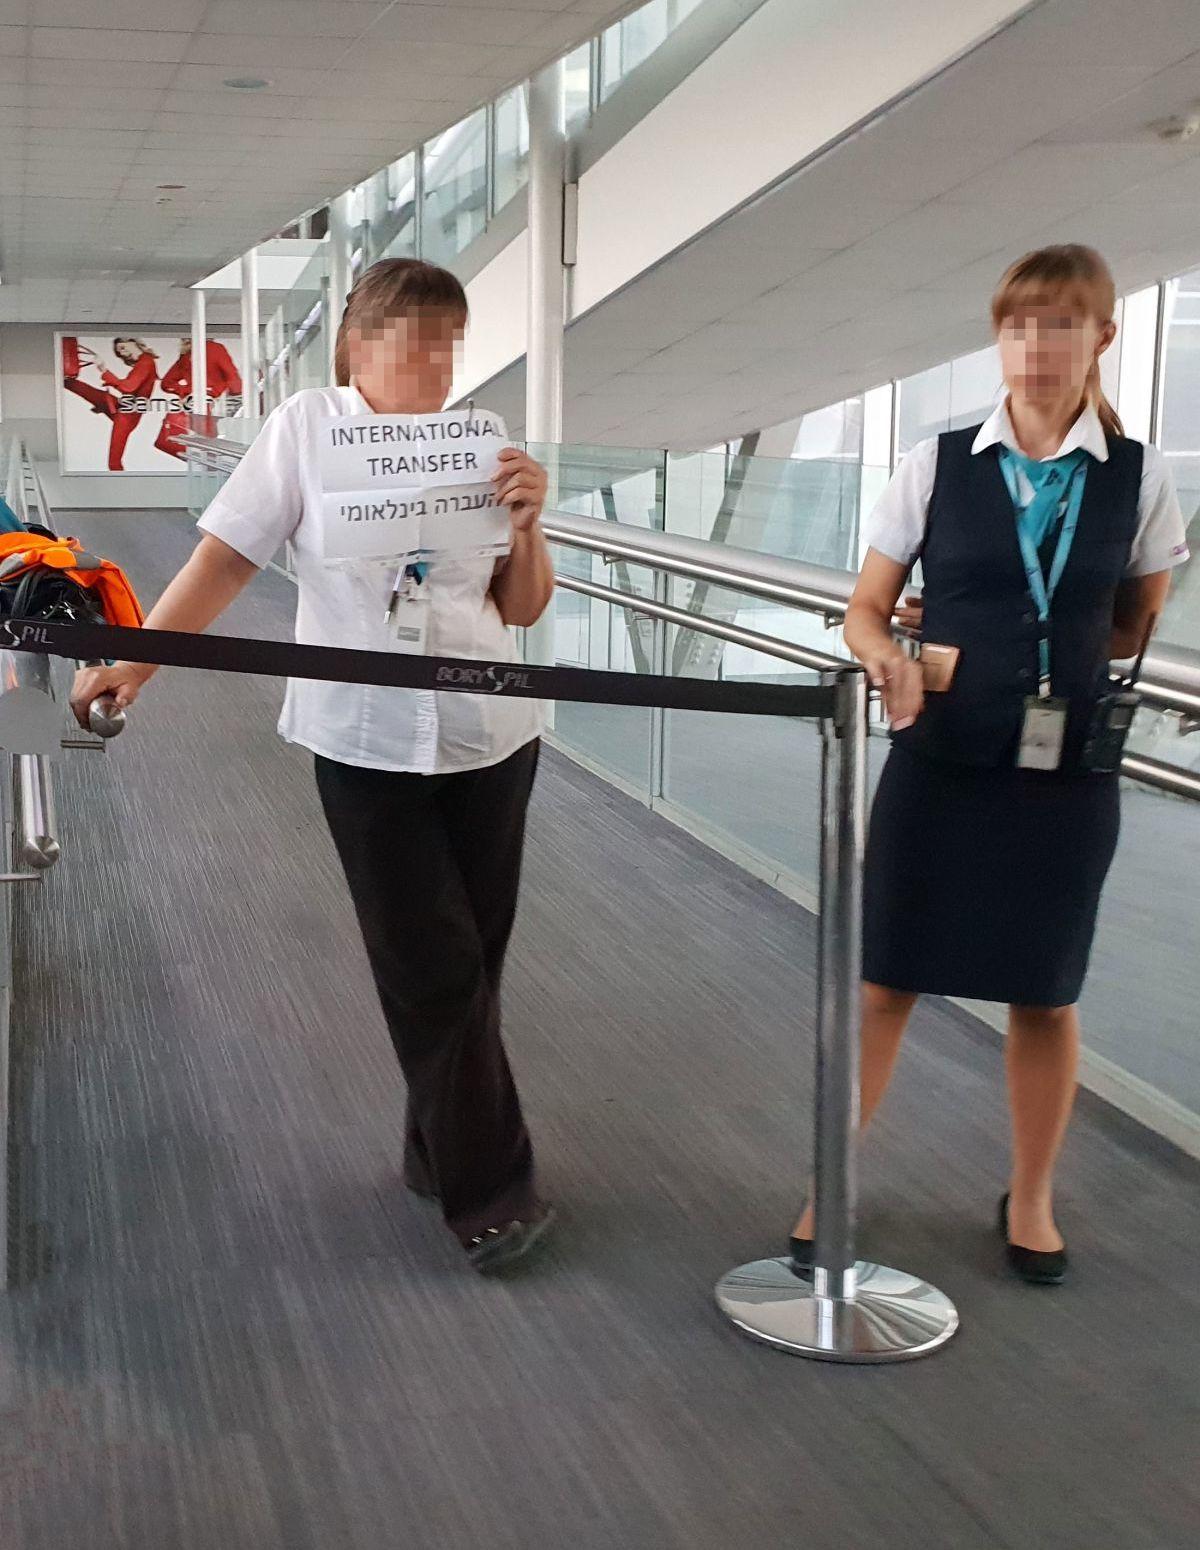 """נציגי שדה התעופה עם שלט """"International Transfer"""" לנוסעים בקונקשן"""